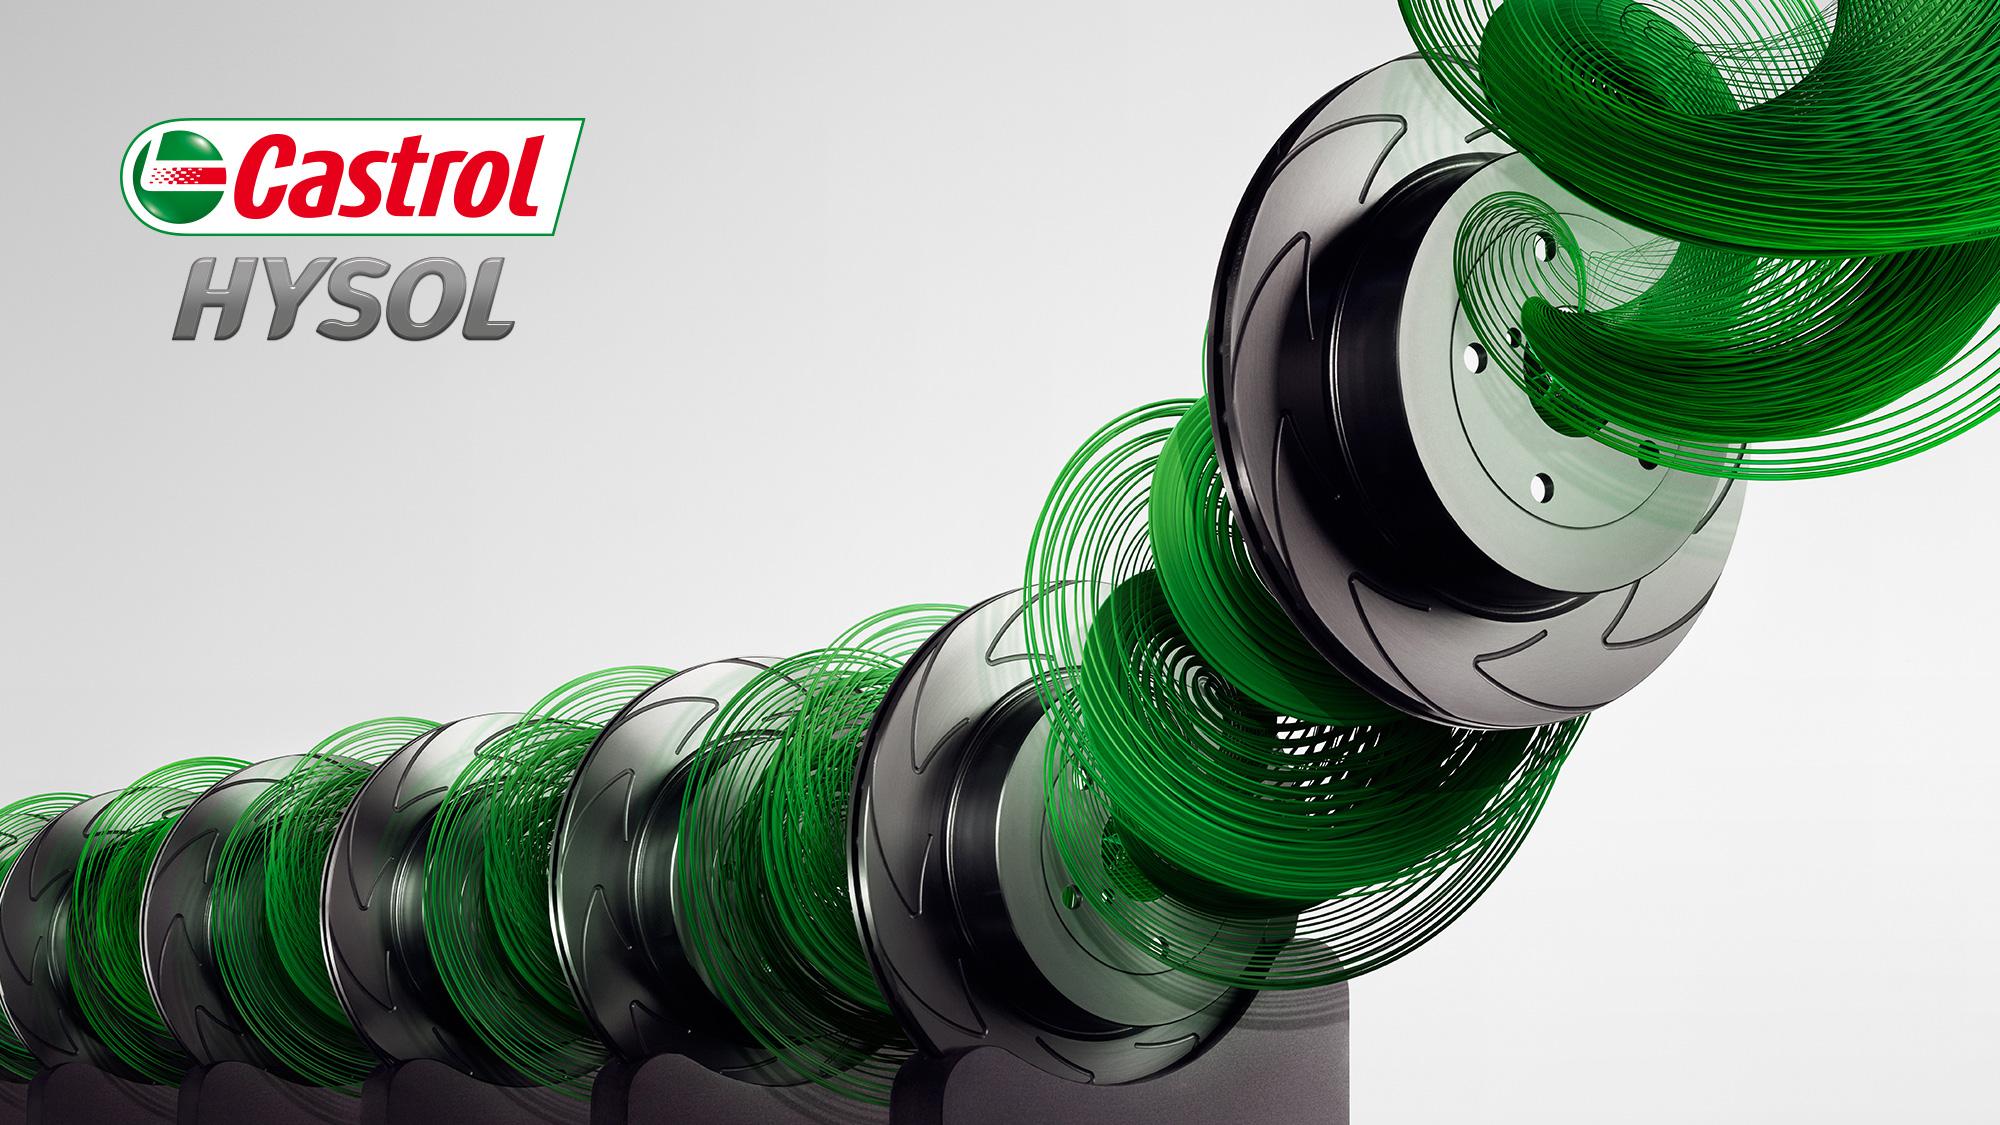 Hysol-SB-promo.jpg